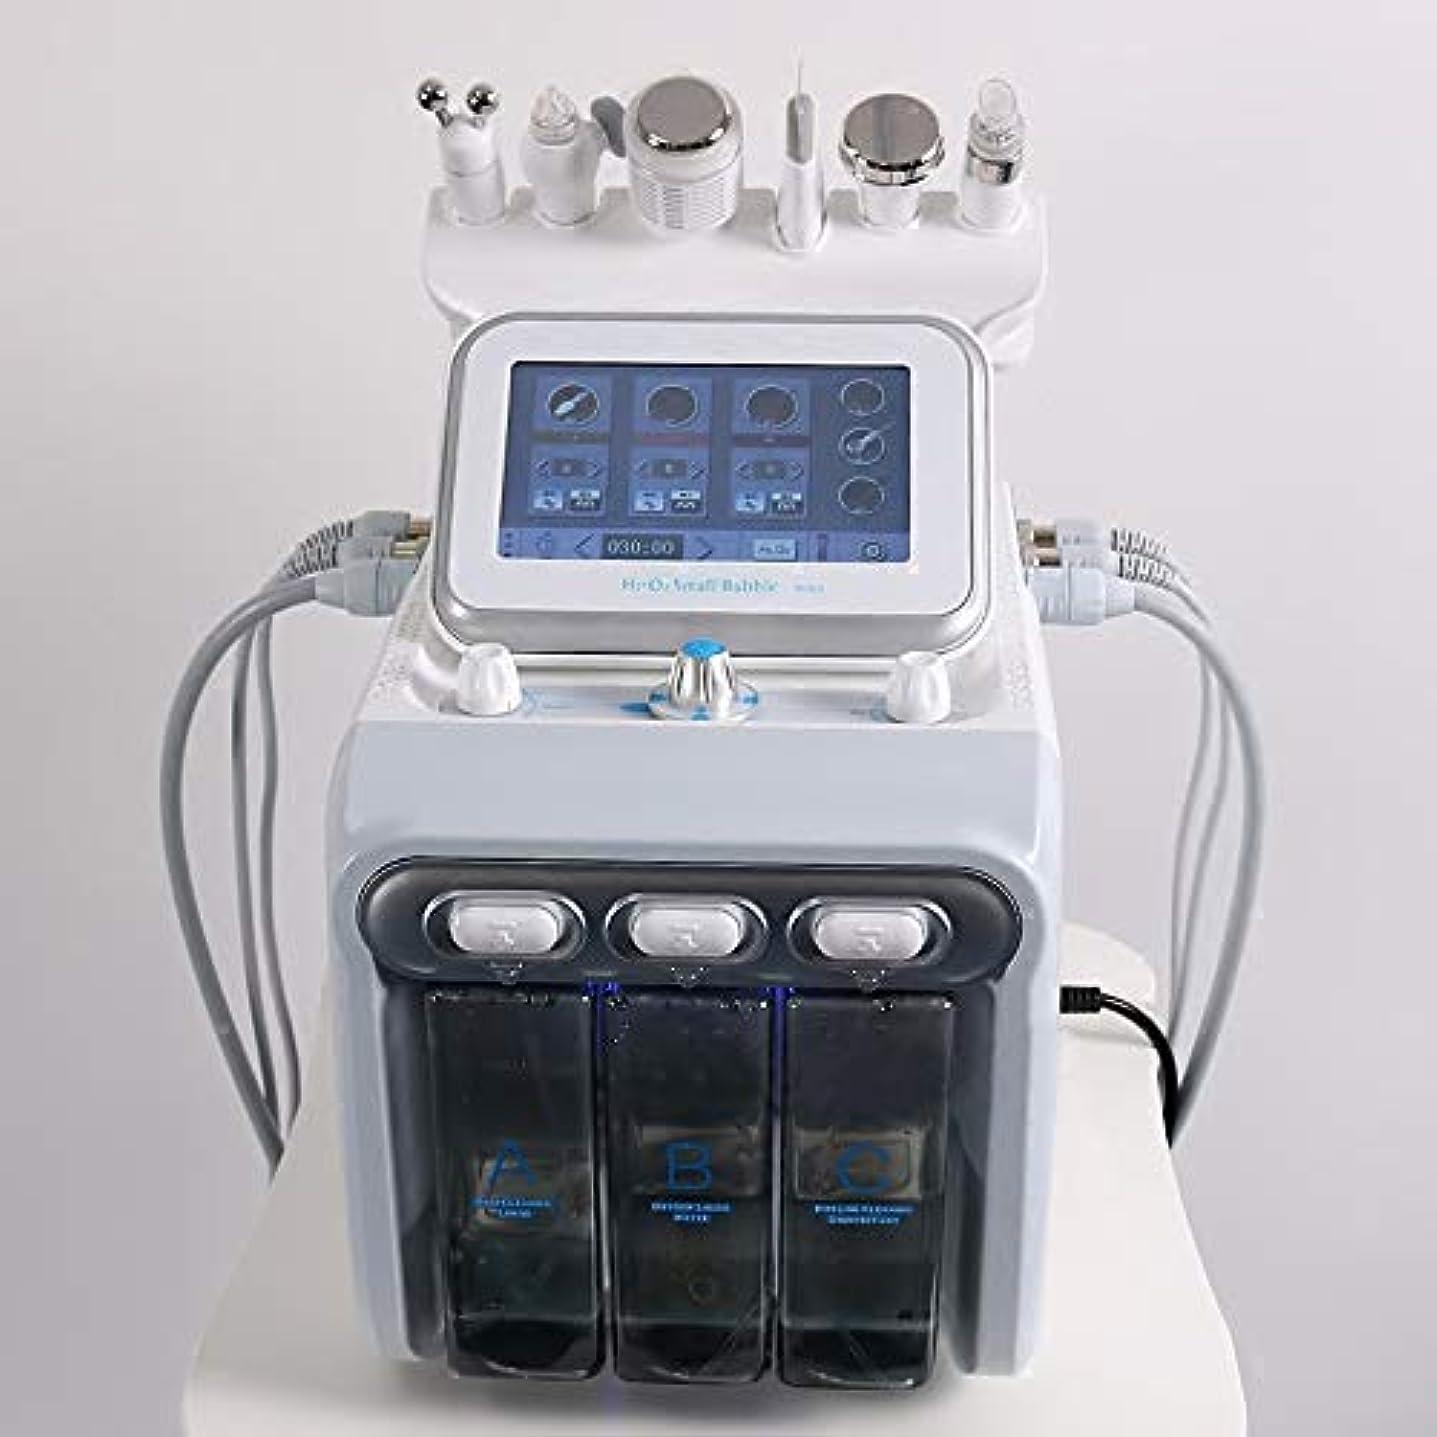 意識昨日必要ない6 In1 H2-O2ハイドロダーマブレーションRFバイオリフティングスパフェイシャルハイドロマイクロダーマブレーションマシン